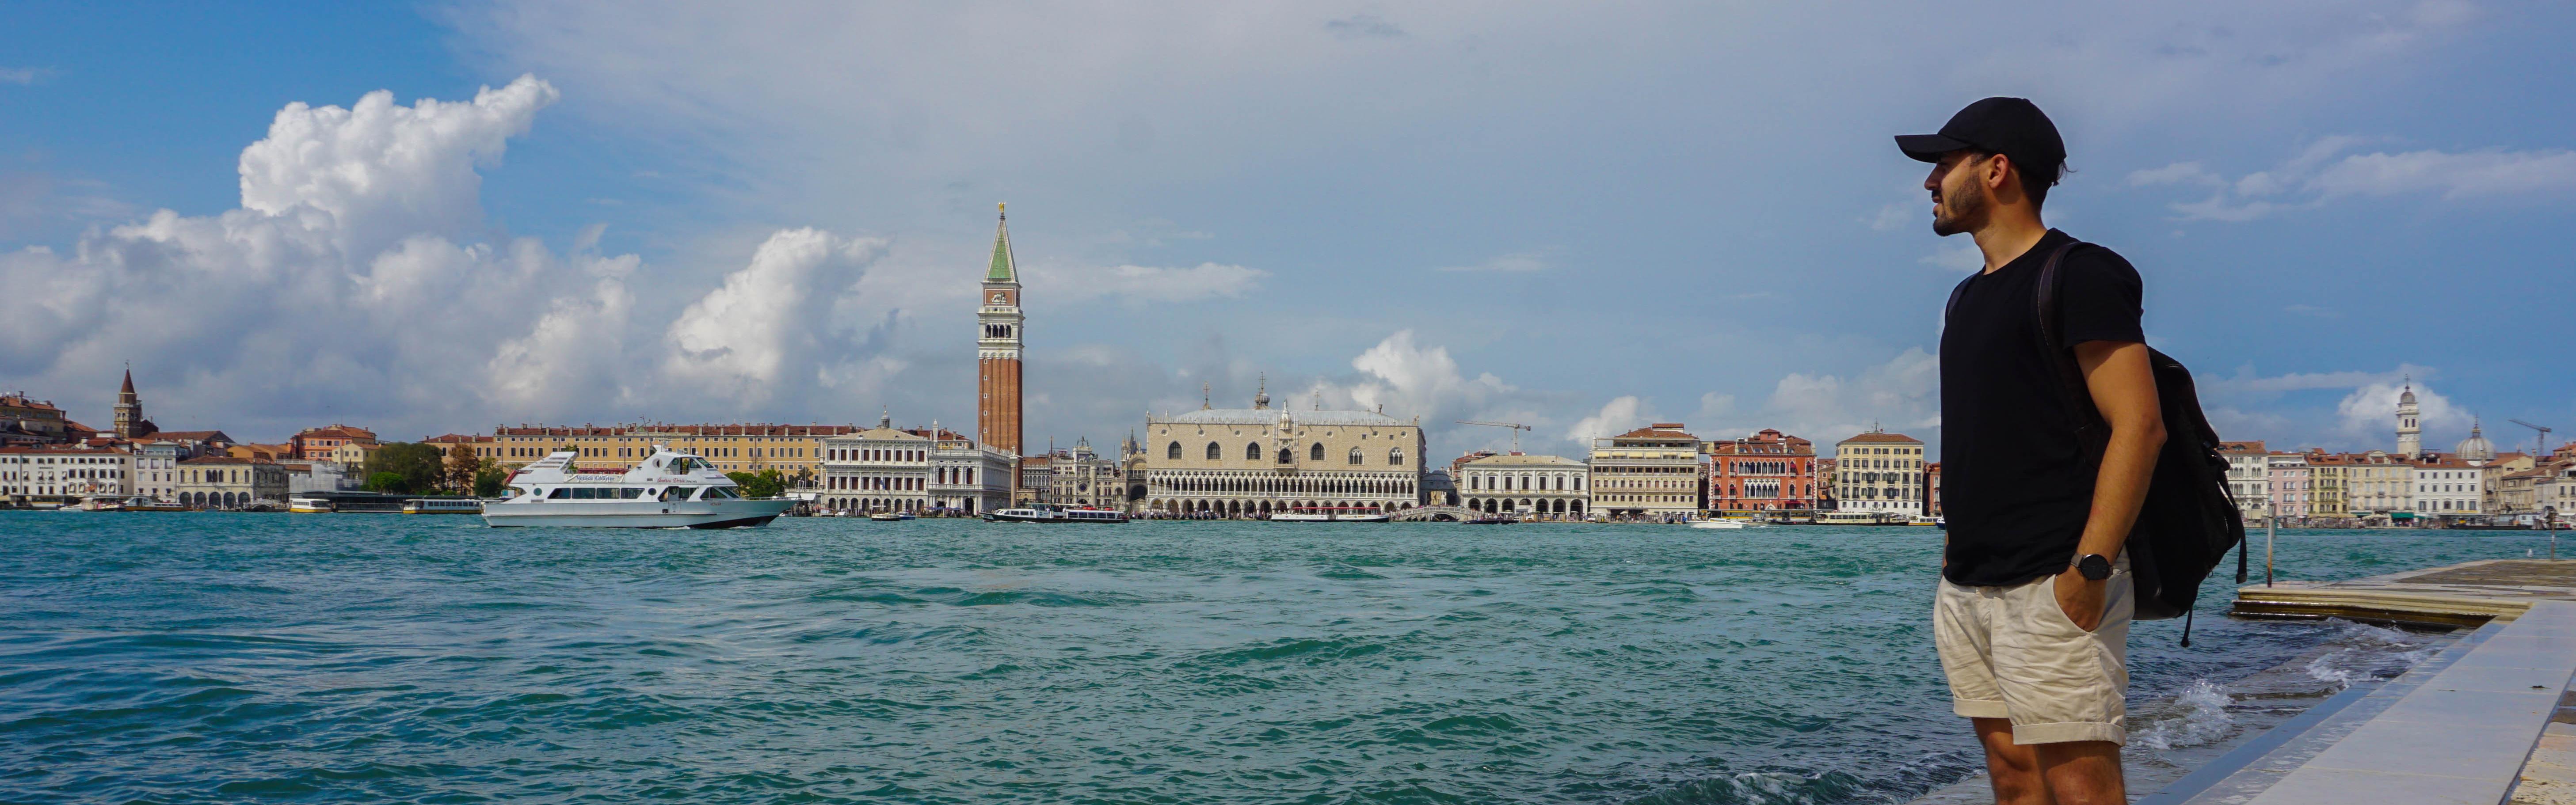 Image: Ari in Venice